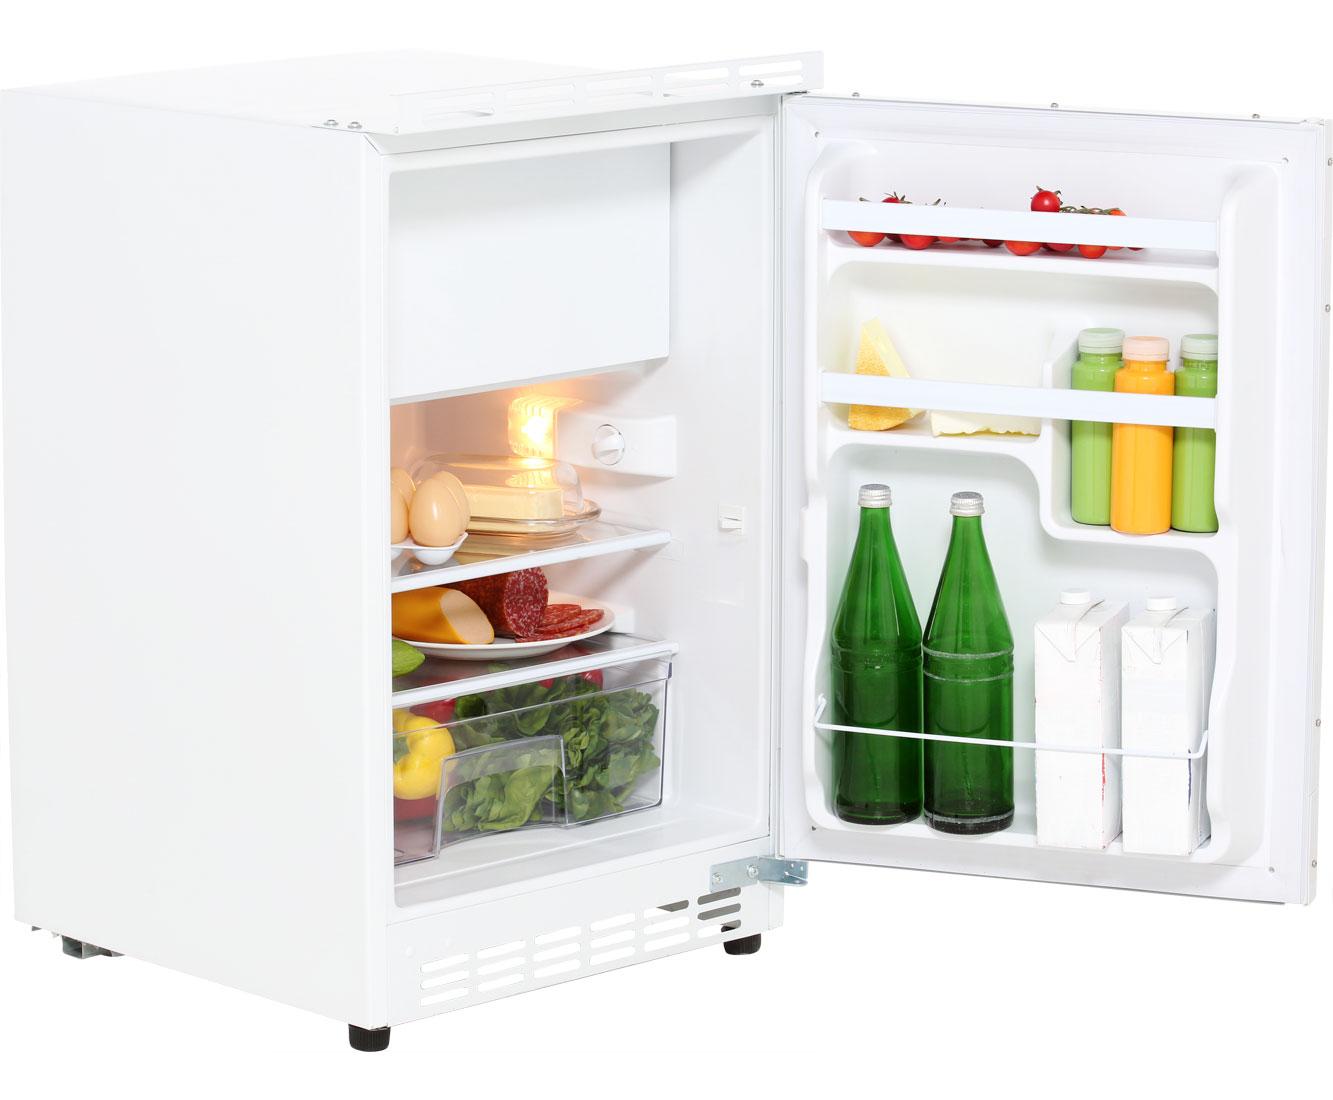 Amica Kühlschrank Side By Side : Amica kühlschrank mit gefrierfach kühlschrank modelle